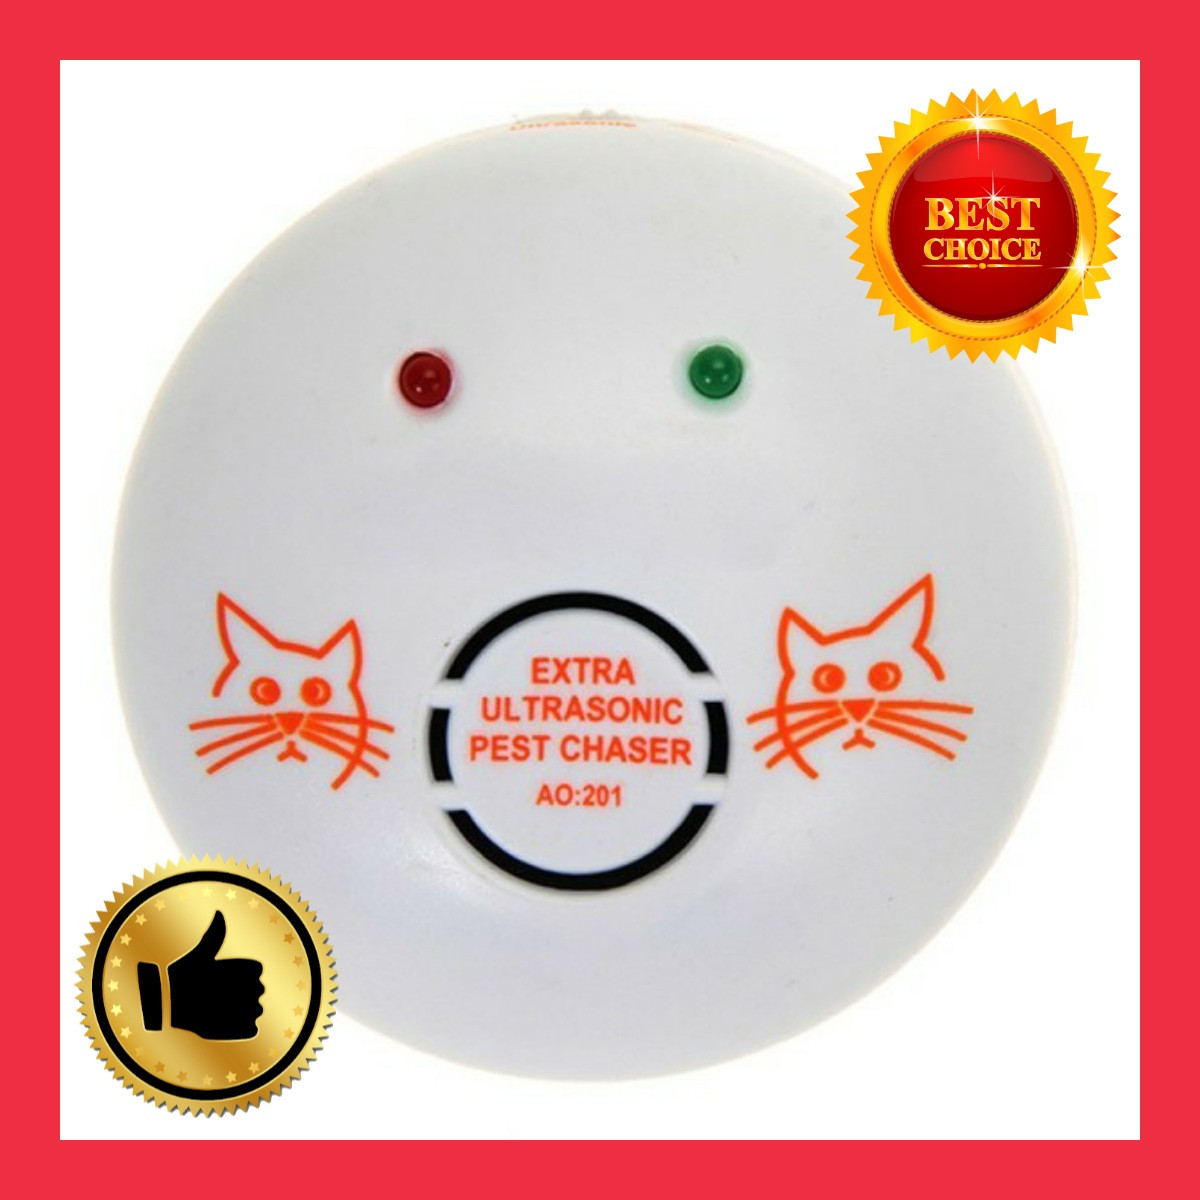 Отпугиватель от мышей и прочих грызунов AO 201 электронный кот ультразвуковой